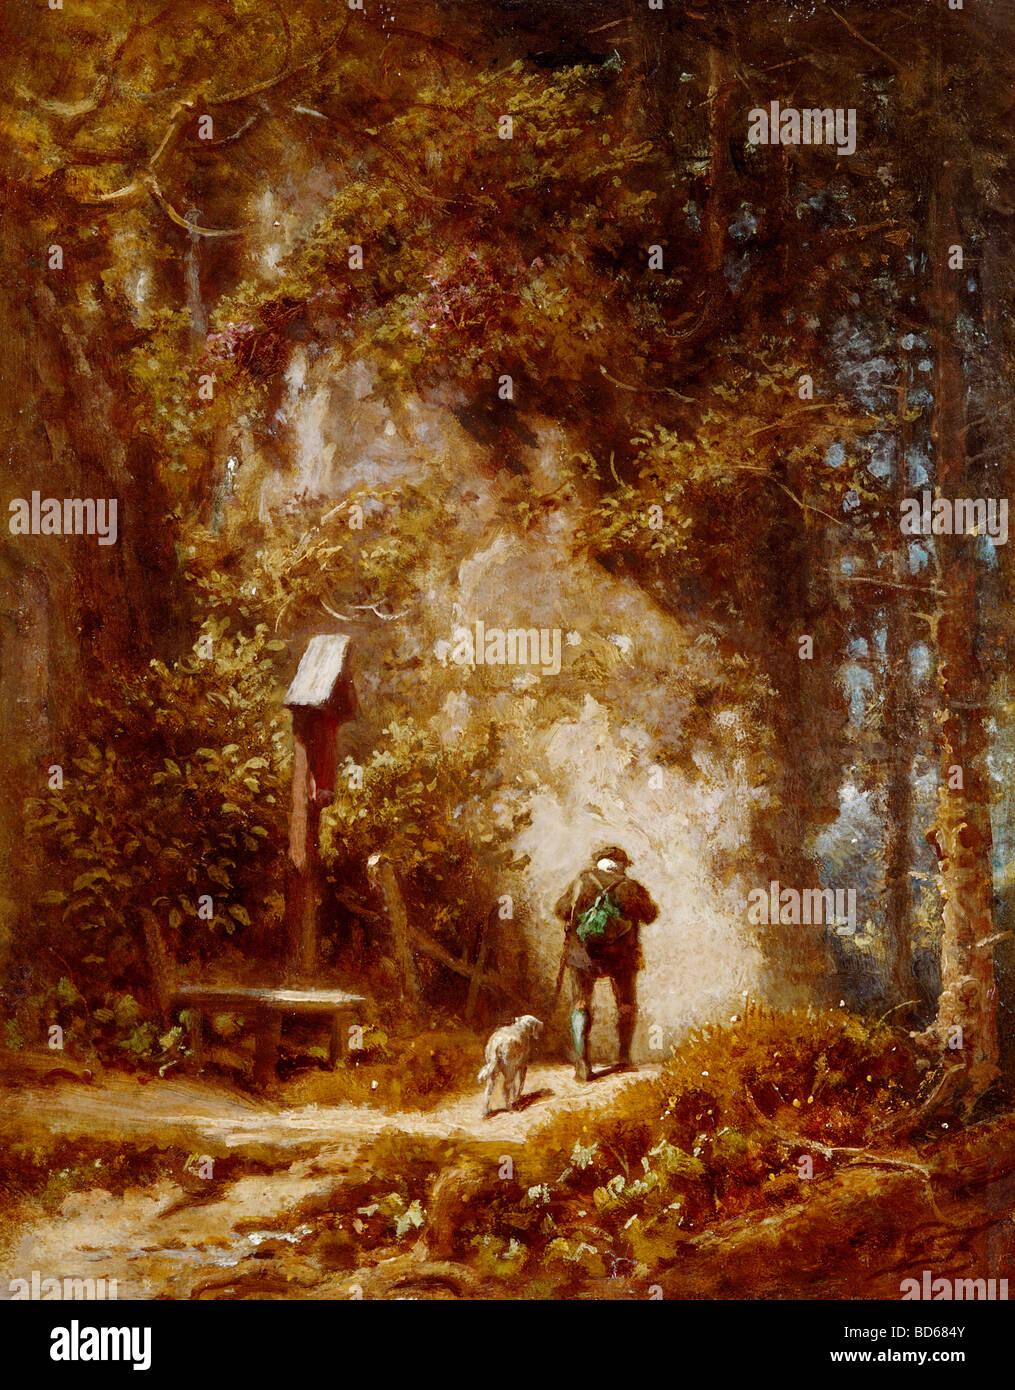 Bildende Kunst, Spitzweg, Carl (1808 ? 1885), Malerei, Jäger im Wald, Wimmer-Galerie, München, Holz, Wald, Stockbild